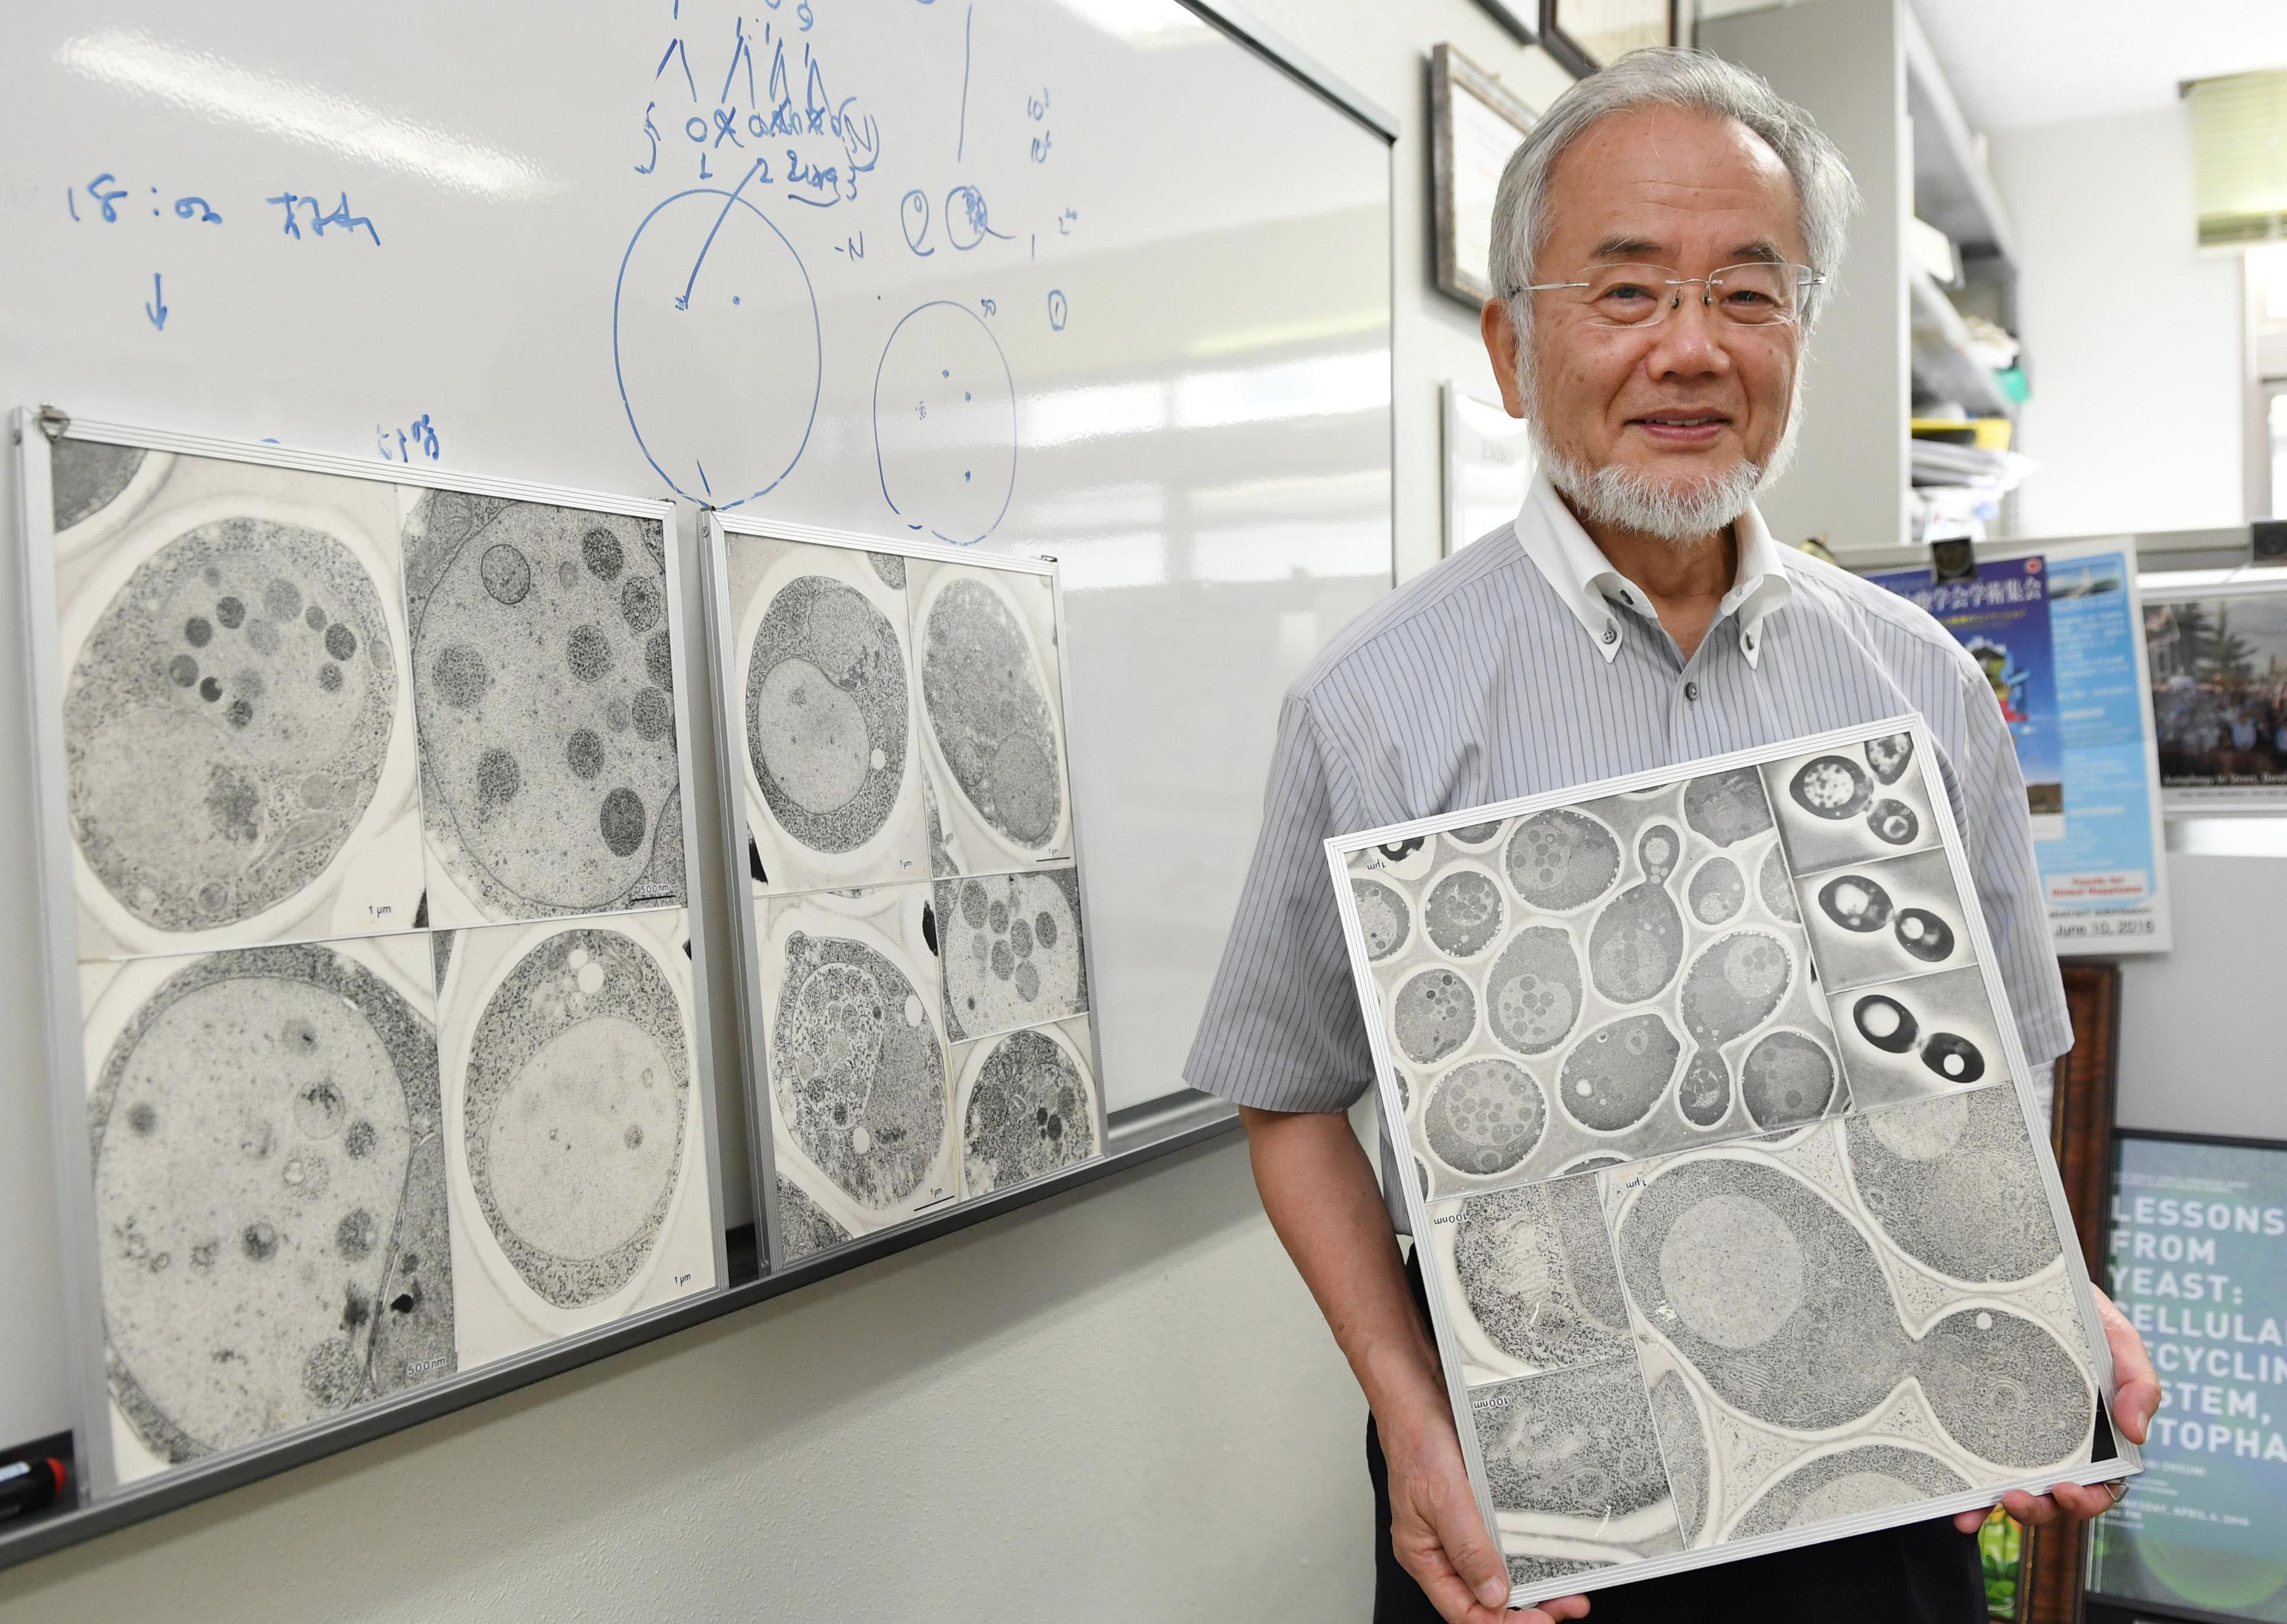 Нобелевская премия 2016 по физиологии или медицине глазами нейроучёного